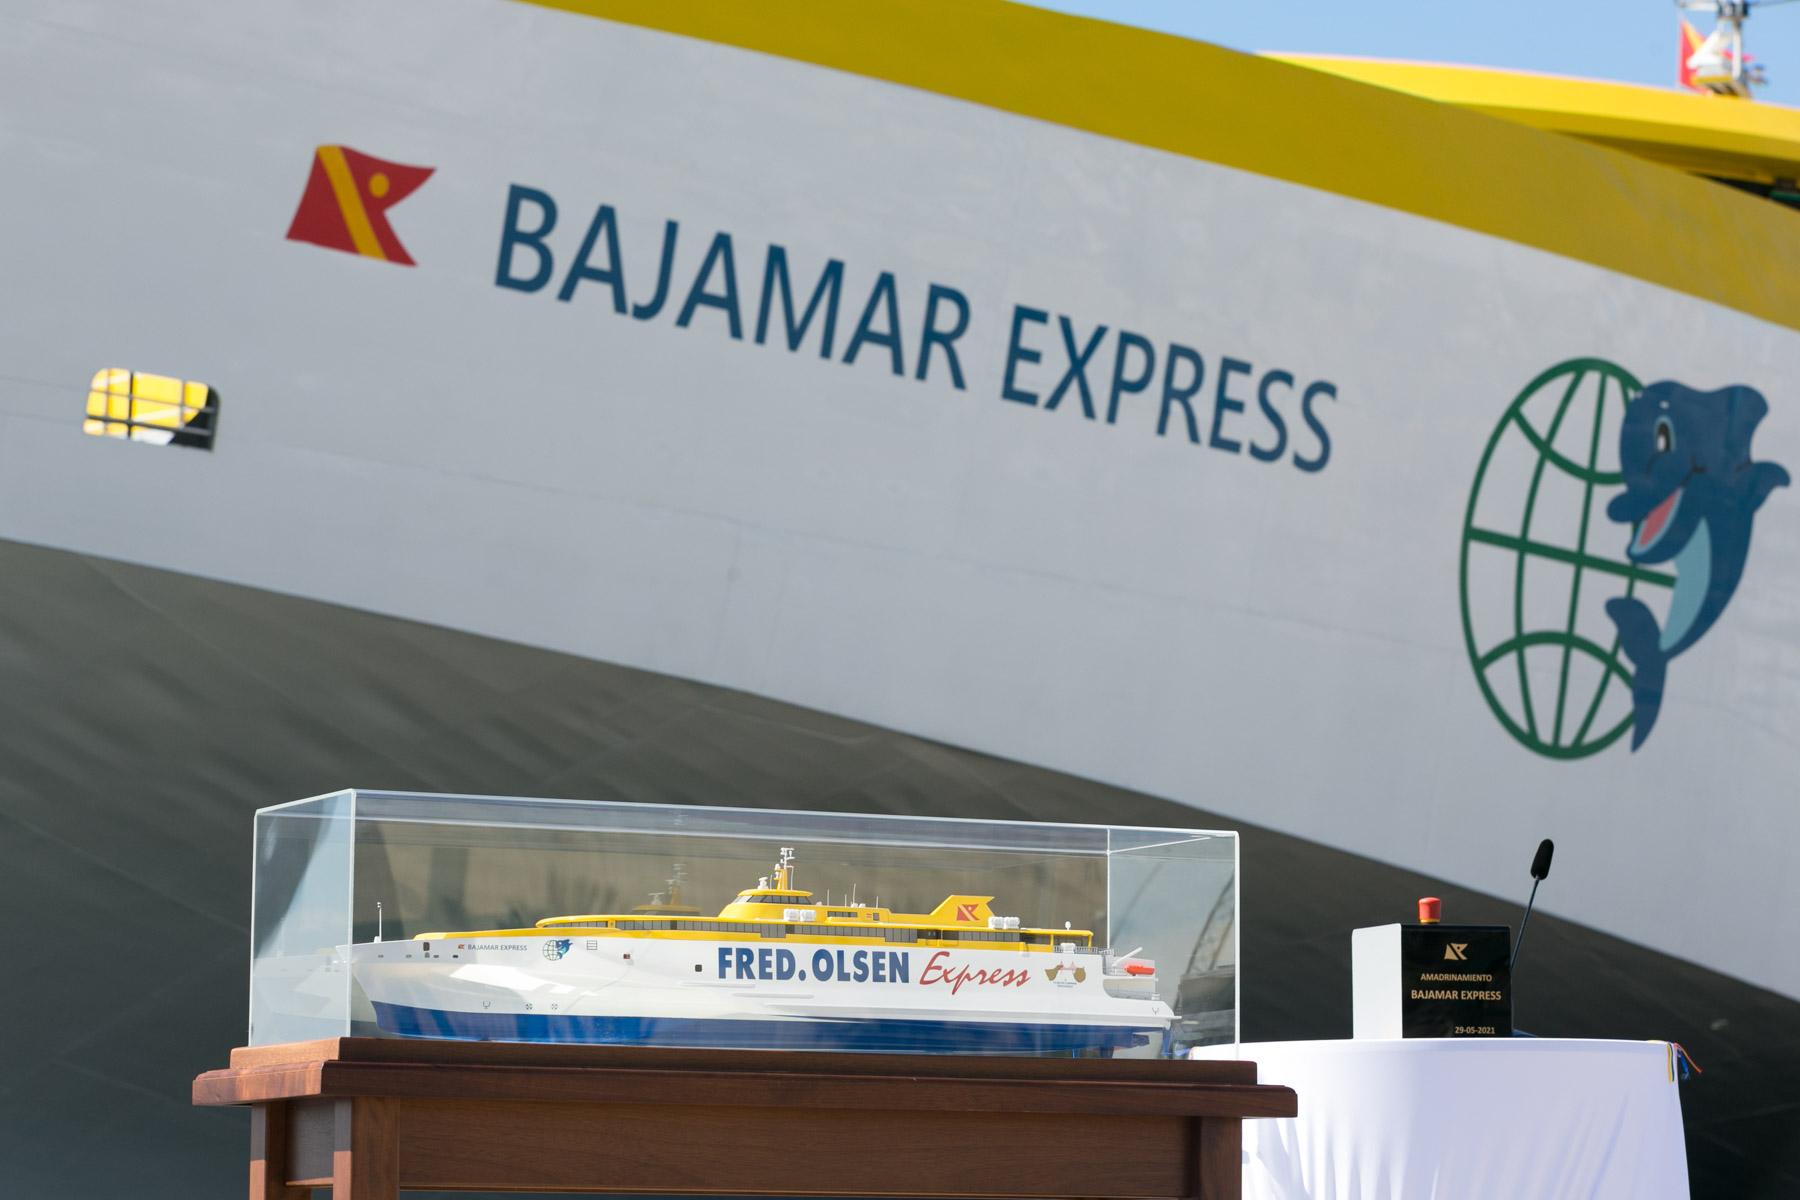 Fred. Olsen celebra el acto de amadrinamiento del Bajamar Express